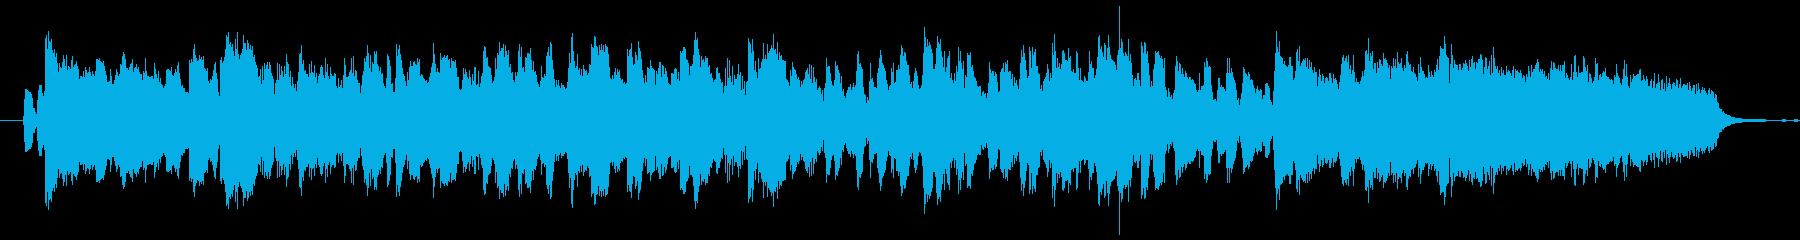 ハーモニカ生演奏アラビアンポップソロの再生済みの波形